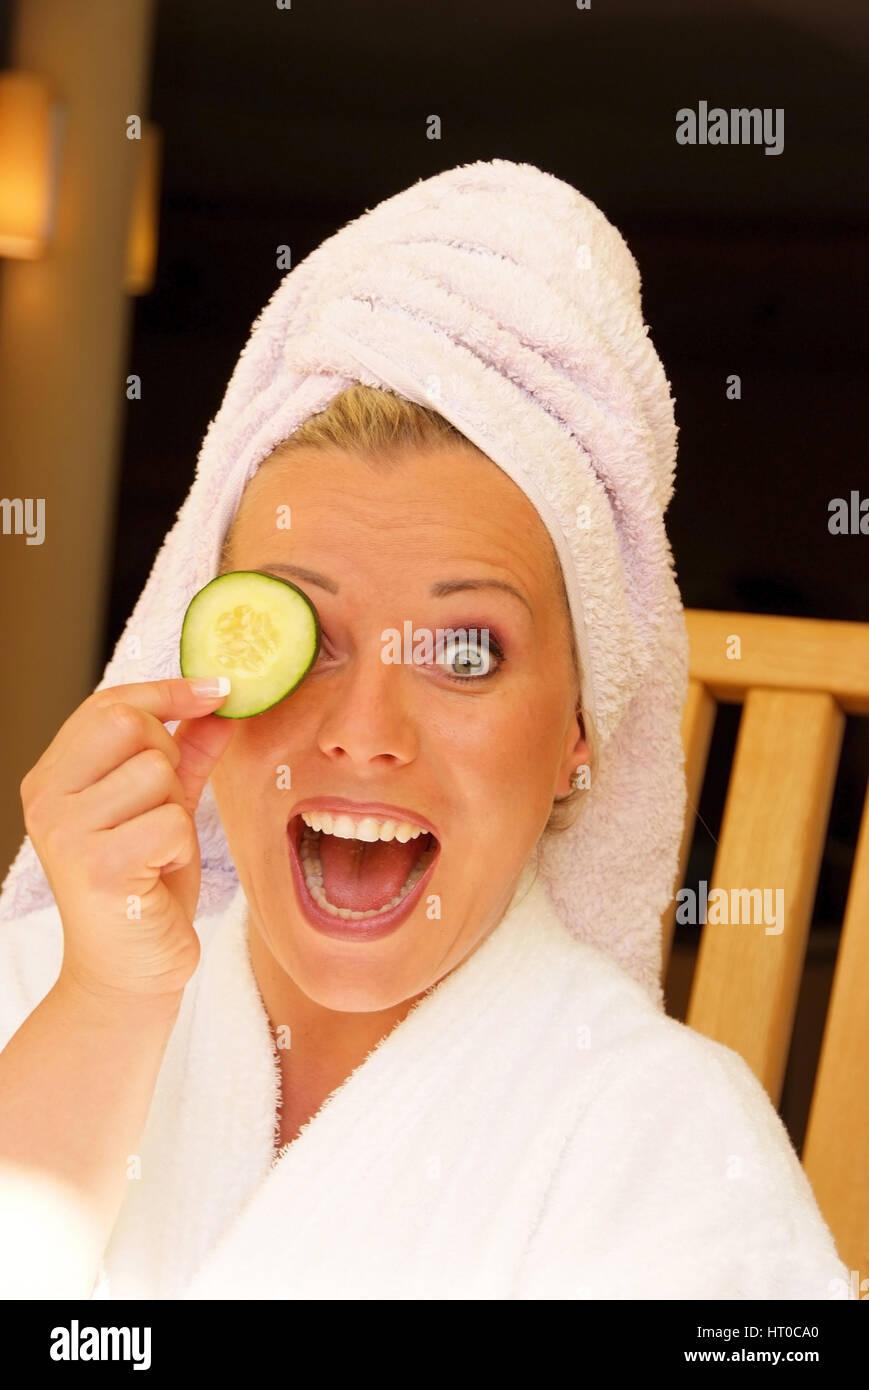 Junge, vitale Frau h?lt sich Gurkenscheibe vor das Gesicht - young, vital woman with cucumber - Stock Image